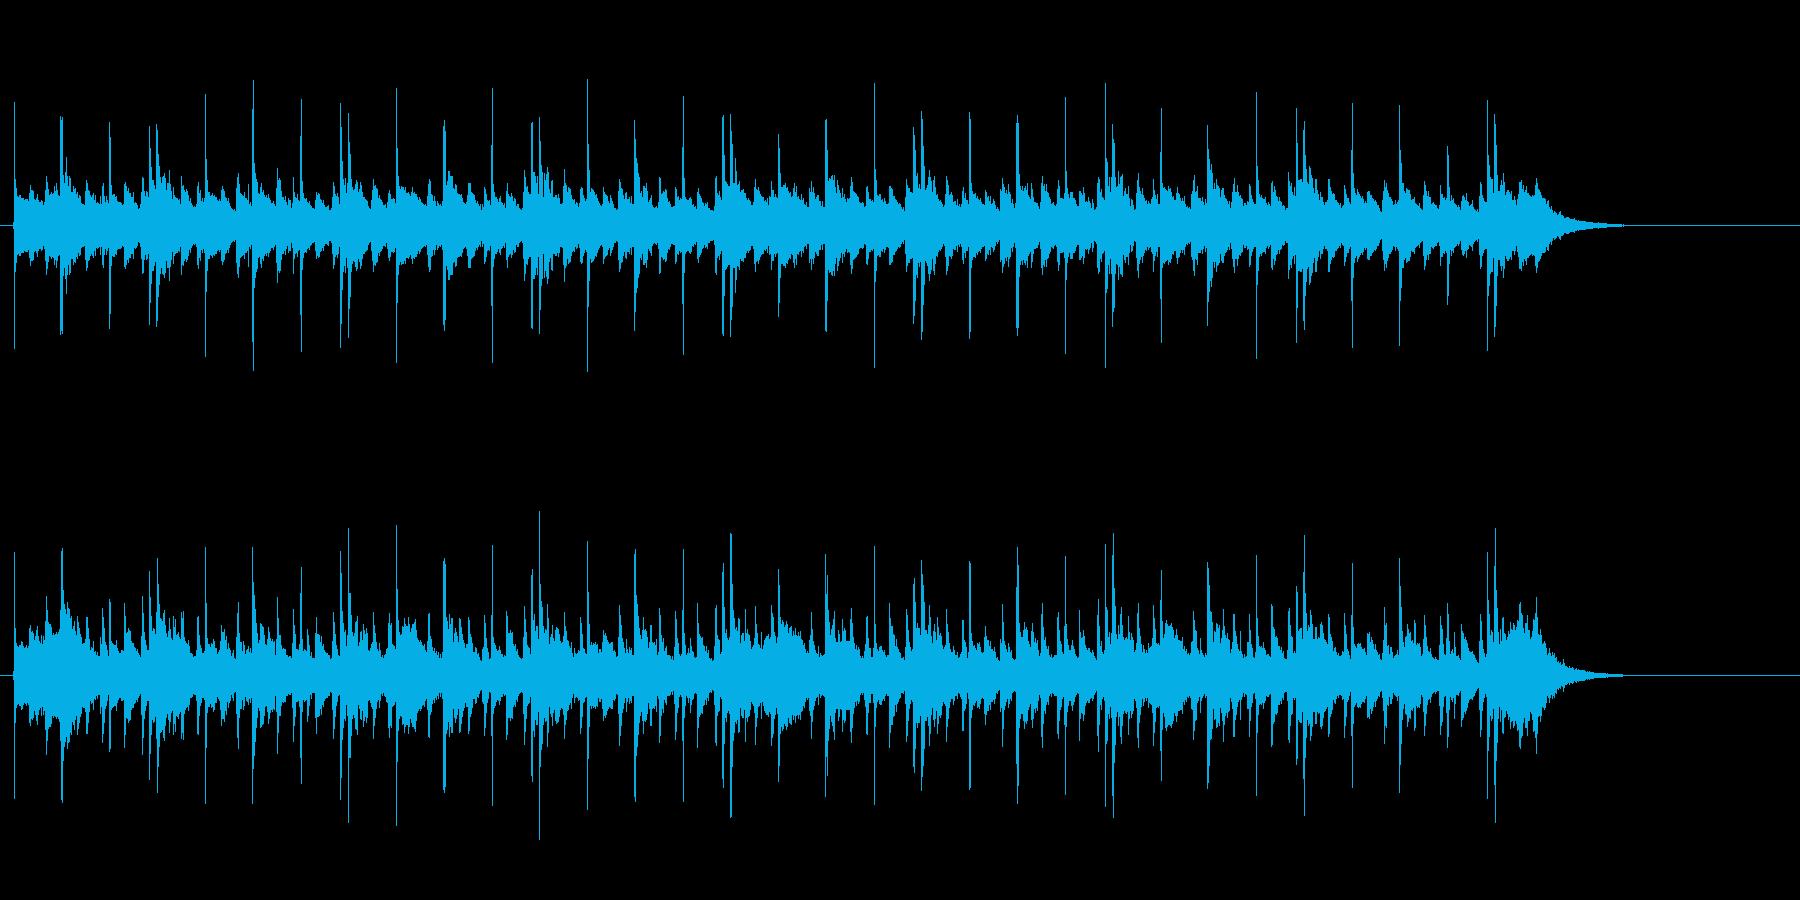 ホラー、サスペンス調なアンビエントの再生済みの波形